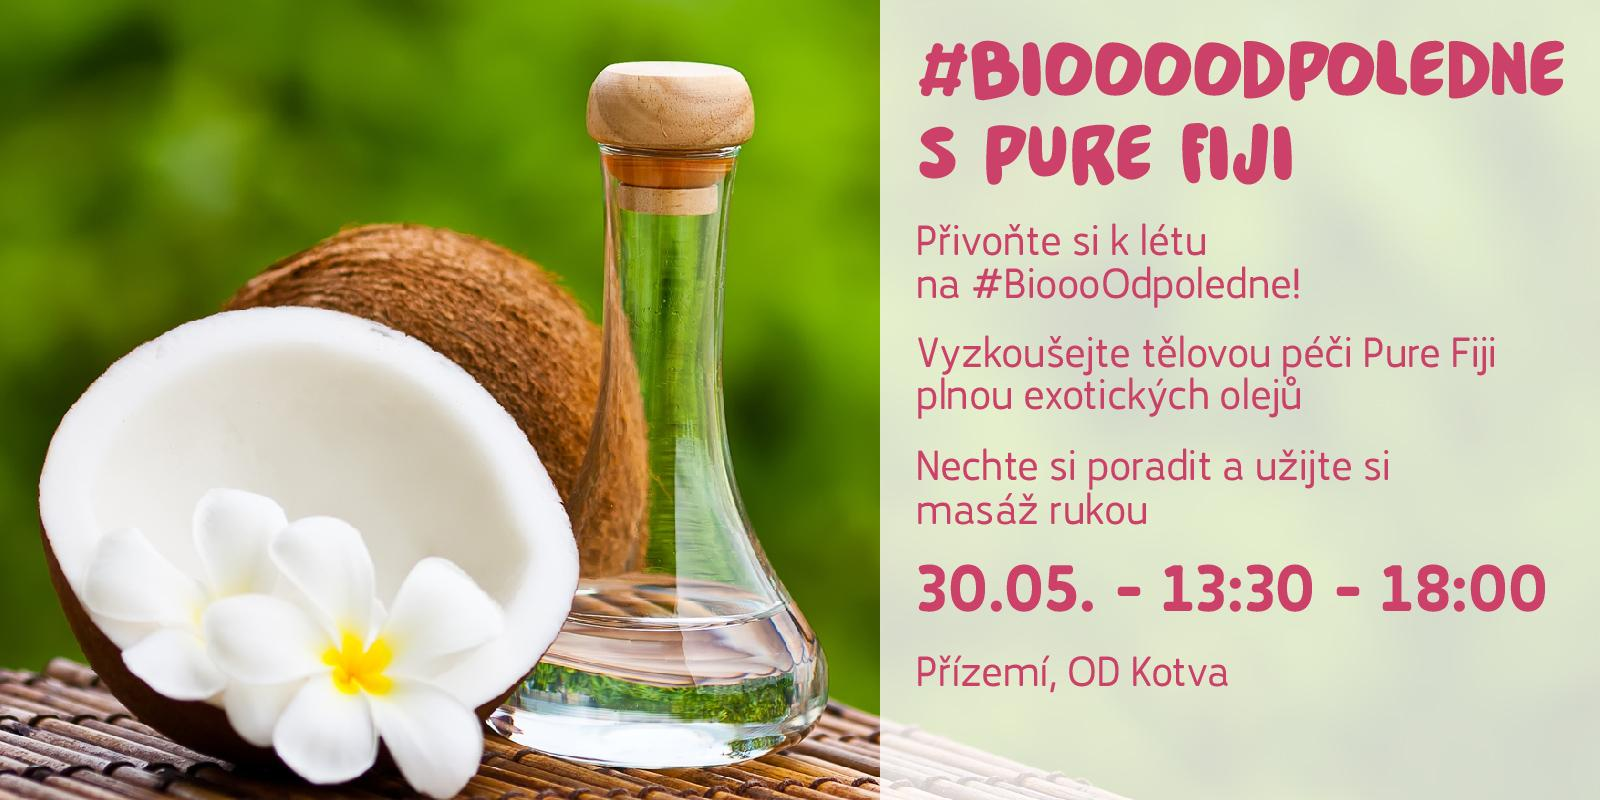 Biooo odpoledne s Pure Fiji